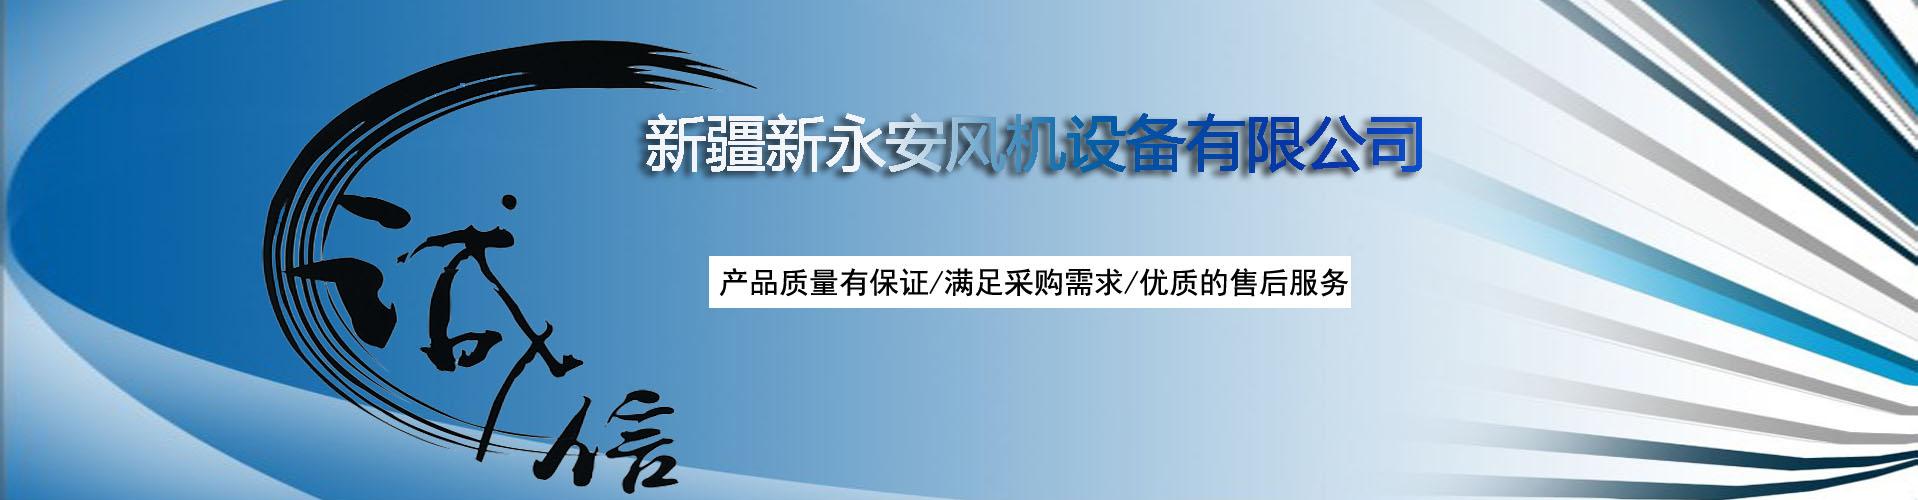 万博manbetx官网手机版下载万博manbetx官网手机版现场平衡仪